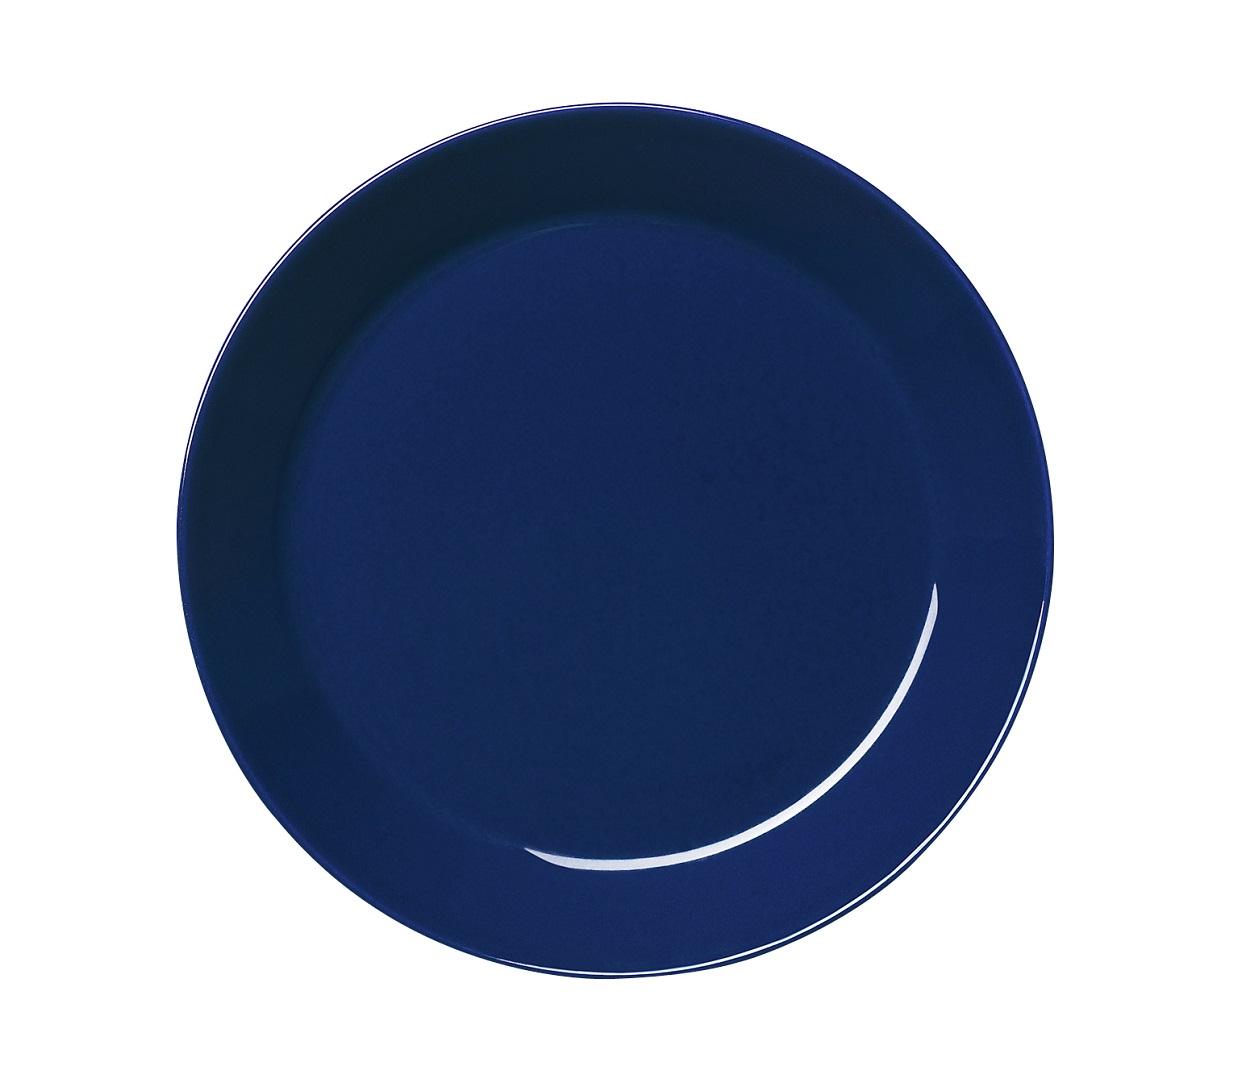 Тарелка TeemaТарелки<br>Teema - это классика дизайна Iittala, каждый продукт имеет чёткие геометрические формы: круг, квадрат и прямоугольник. Как говорит Кай Франк: «Цвет является единственным украшением». Посуда серии Teema является универсальной, её можно комбинировать с любой серией Iittala. Она практична и лаконична.<br><br>Material: Фарфор<br>Length см: None<br>Width см: None<br>Depth см: None<br>Height см: 2<br>Diameter см: 17